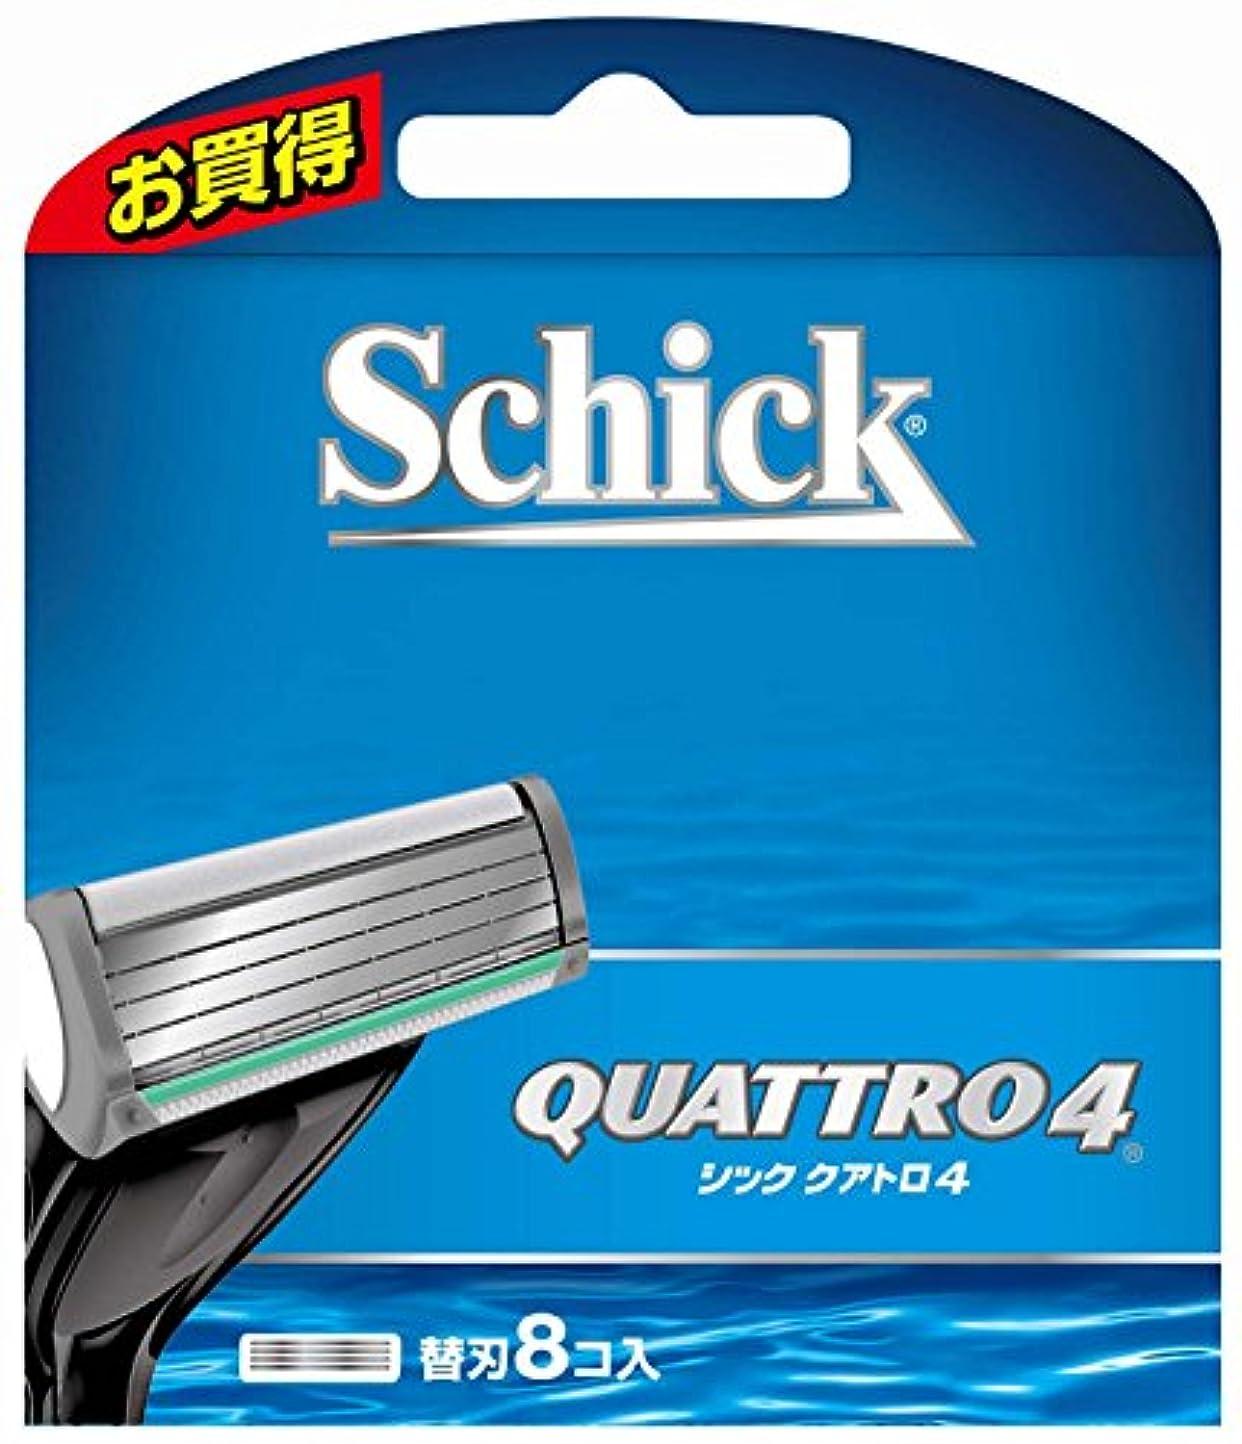 お風呂サーキットに行く頭蓋骨シック Schick クアトロ4 4枚刃 替刃 (8コ入)